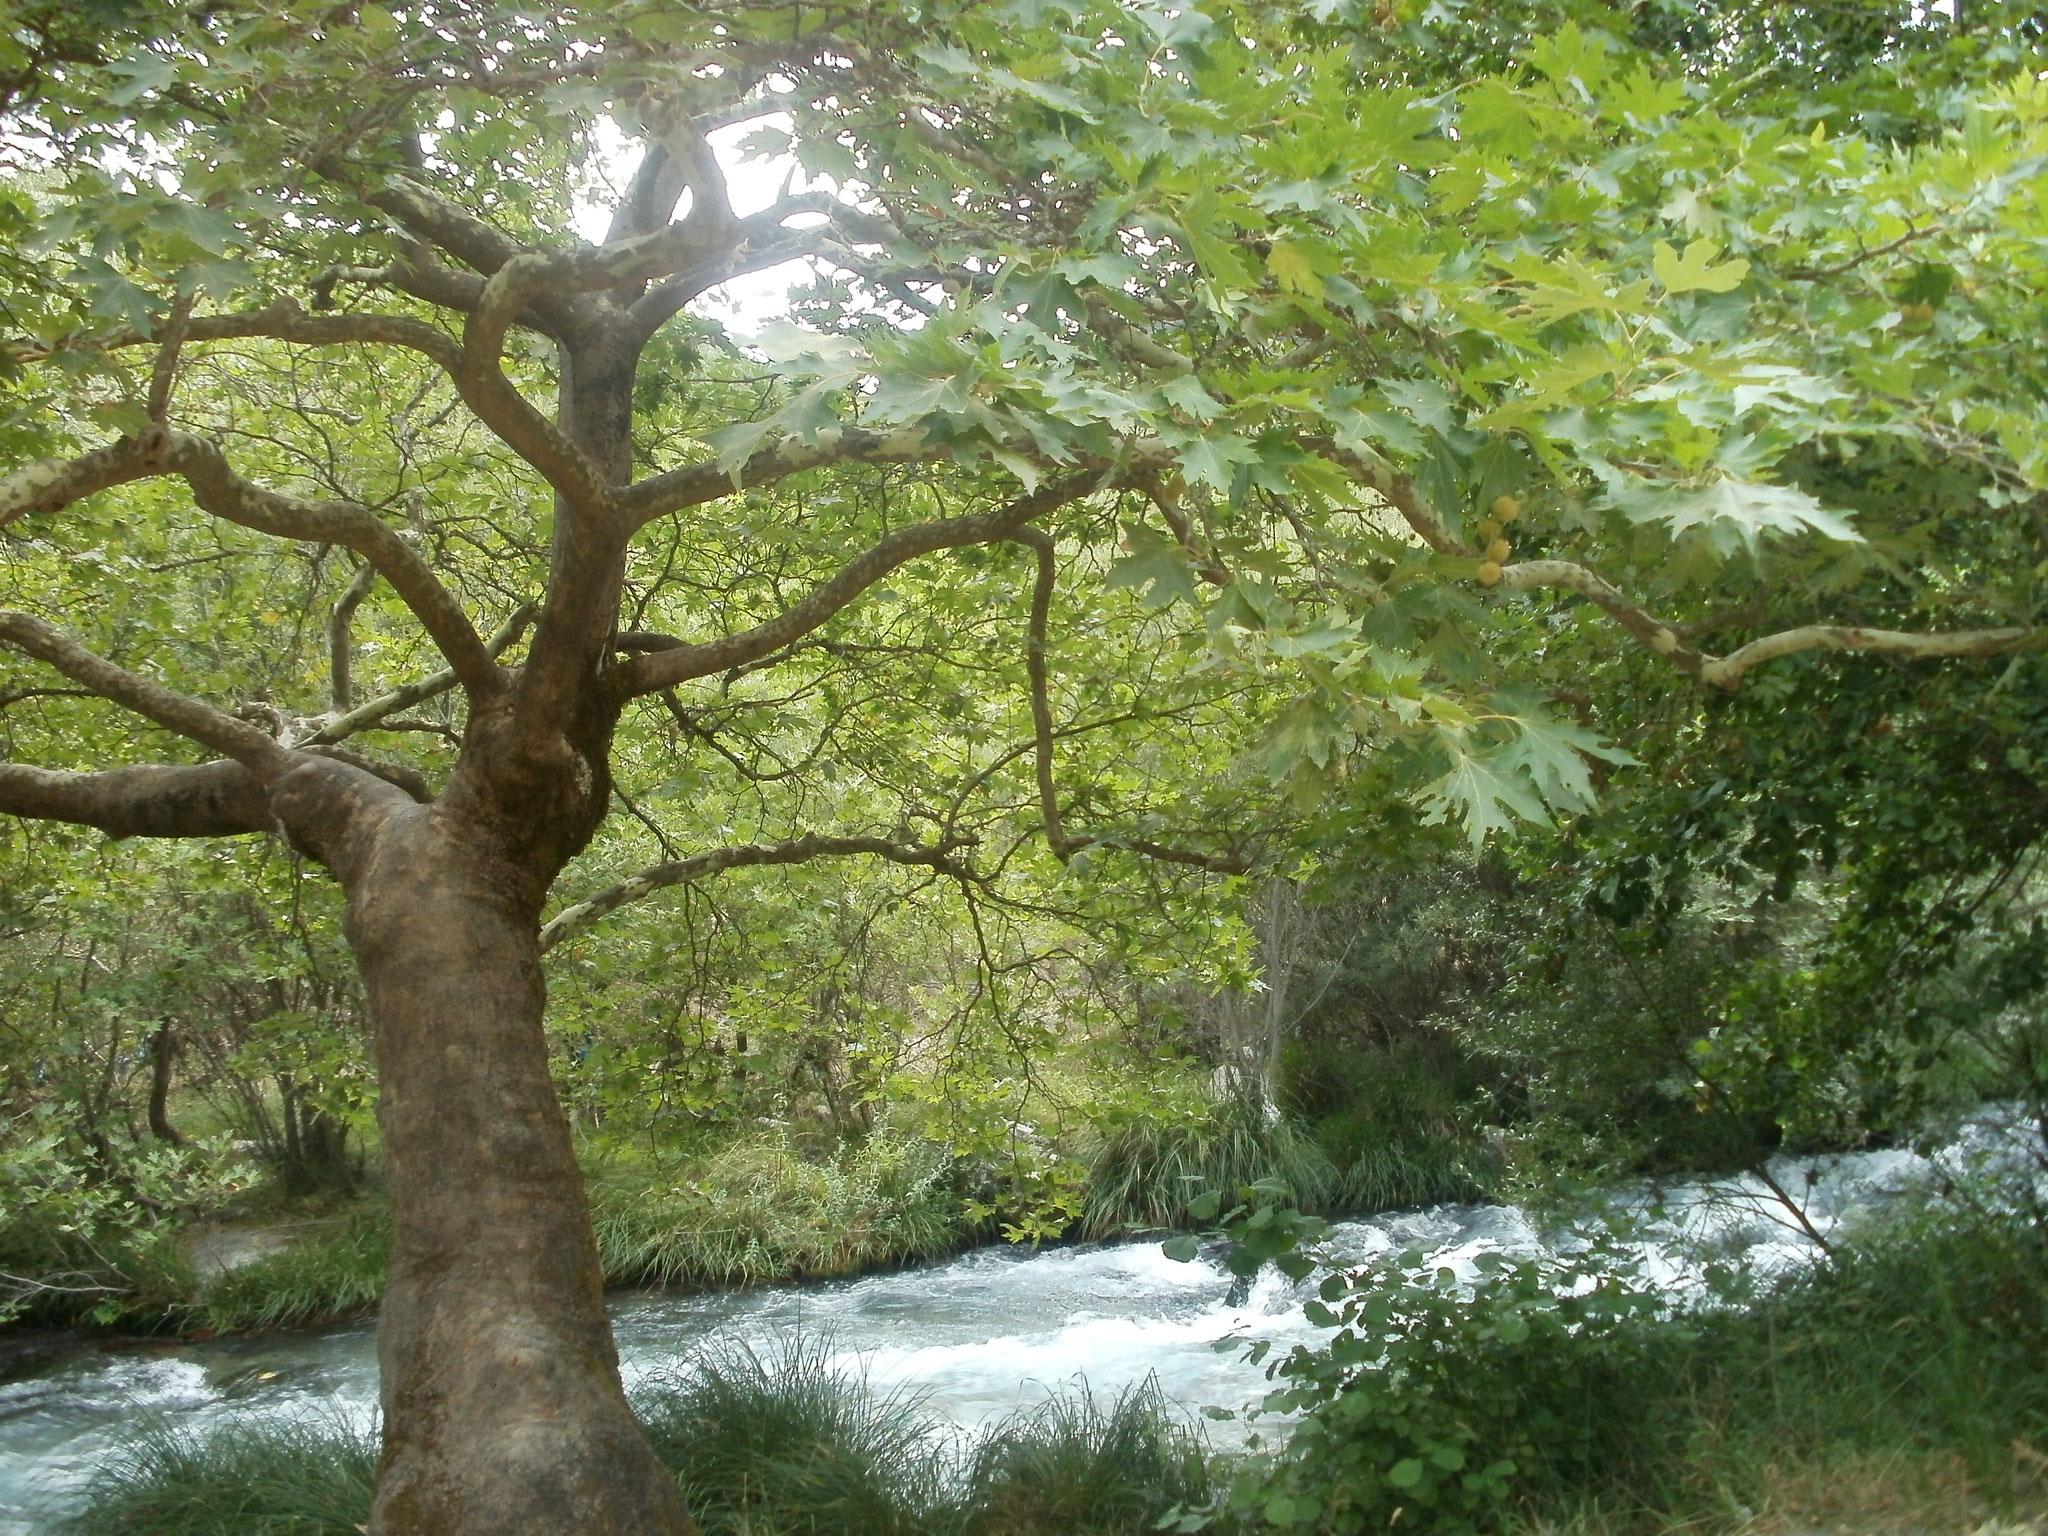 La rivière Lousios et ses arbres